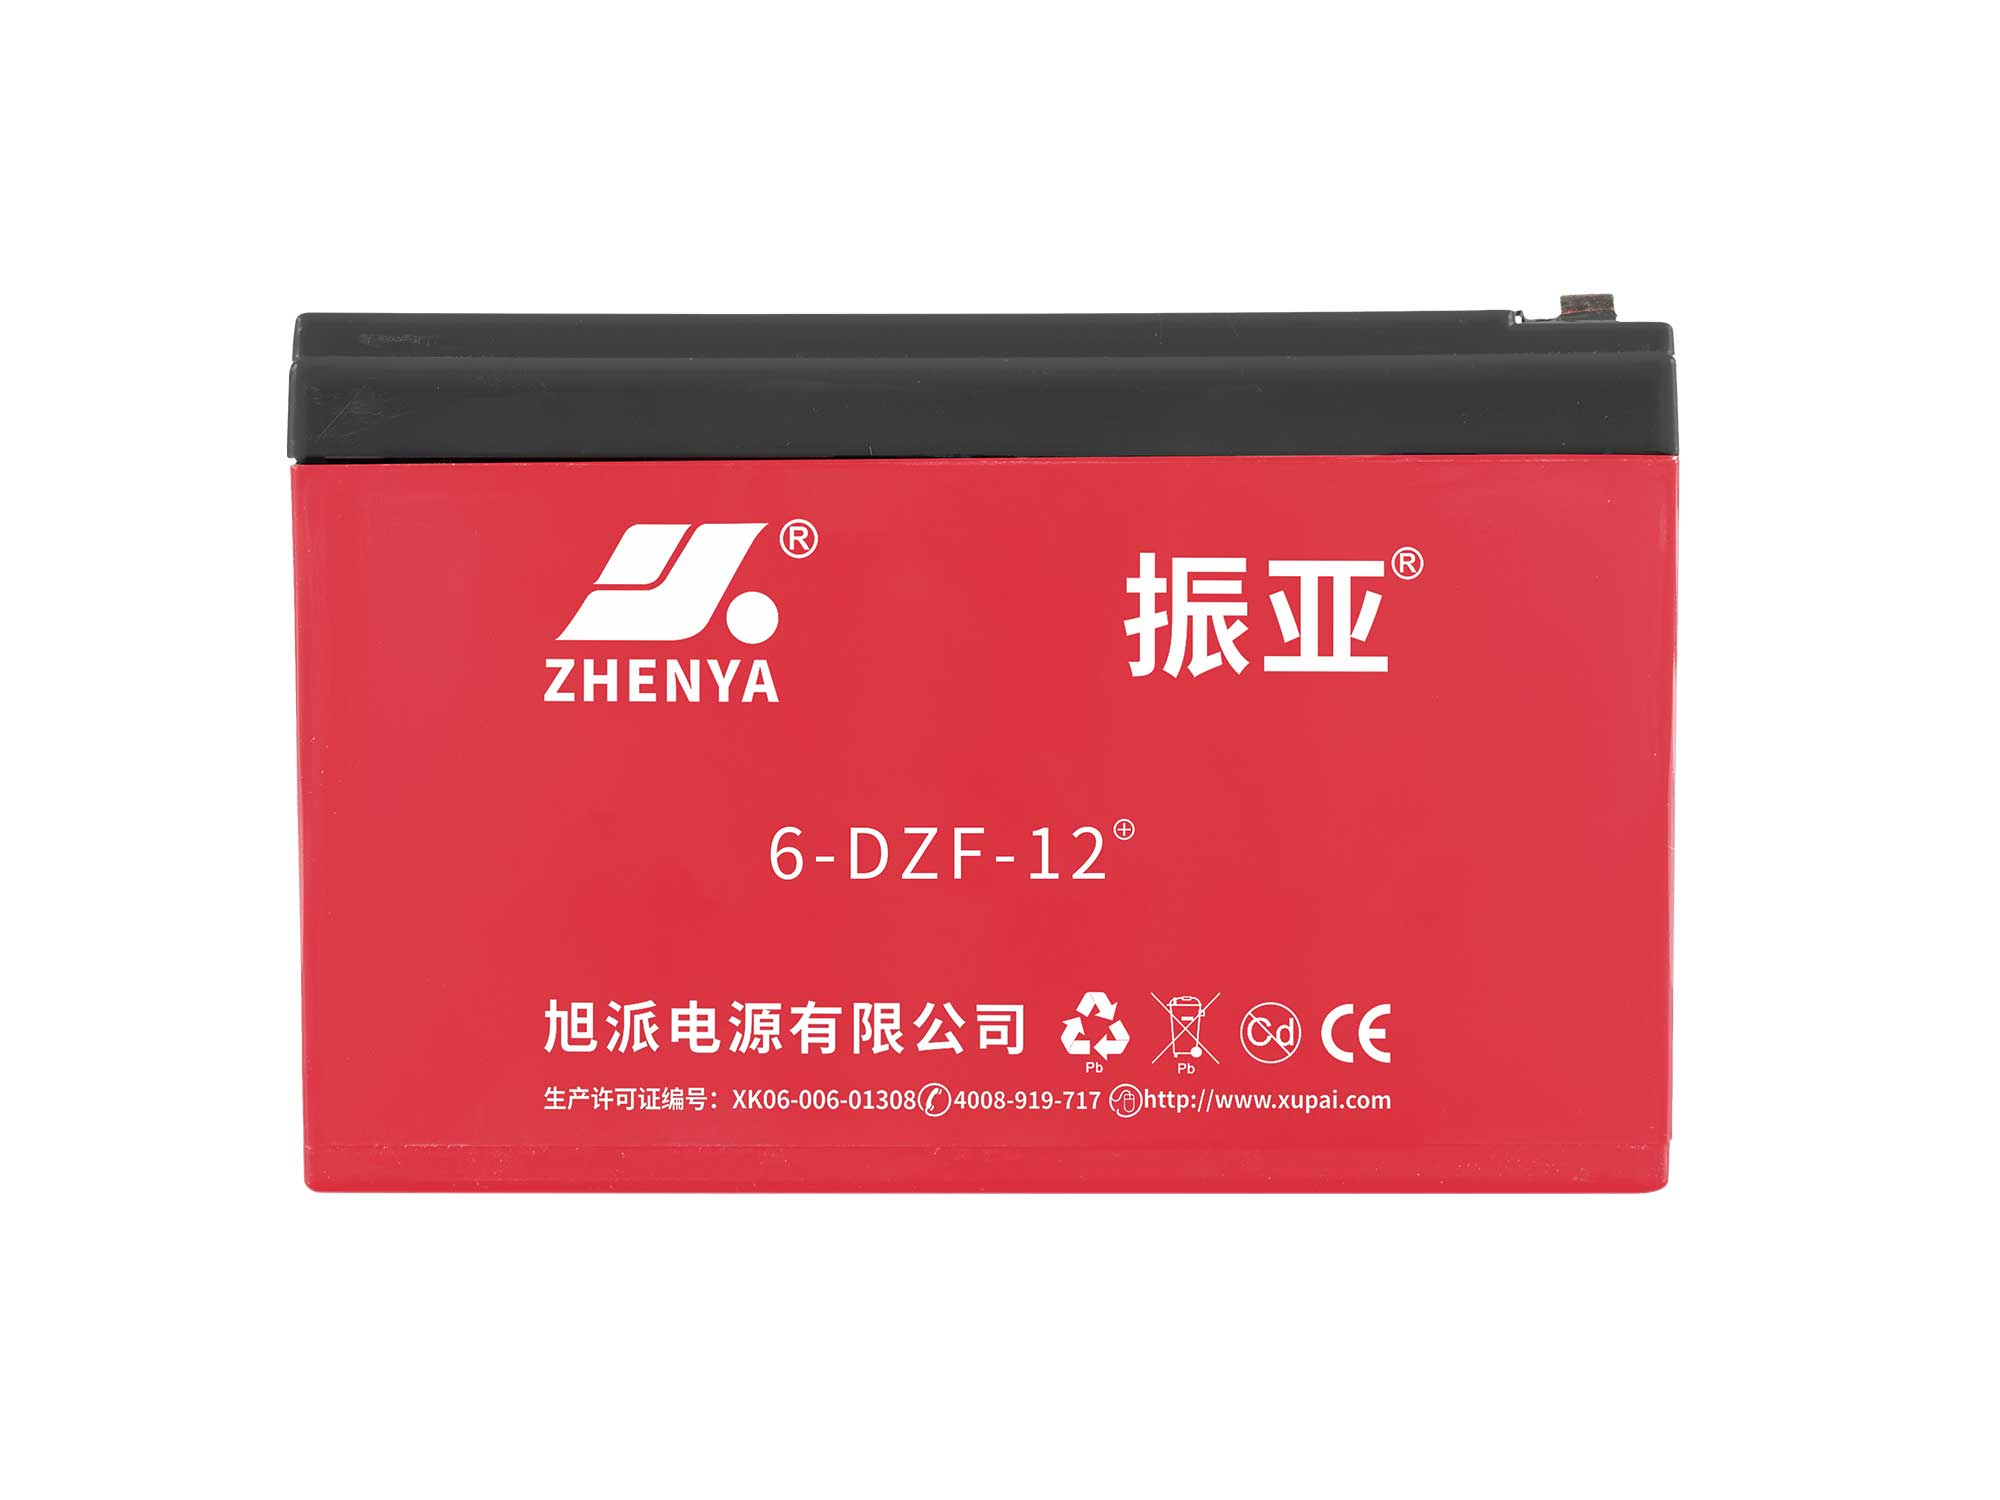 振亚6-DZF-12+电动车电池